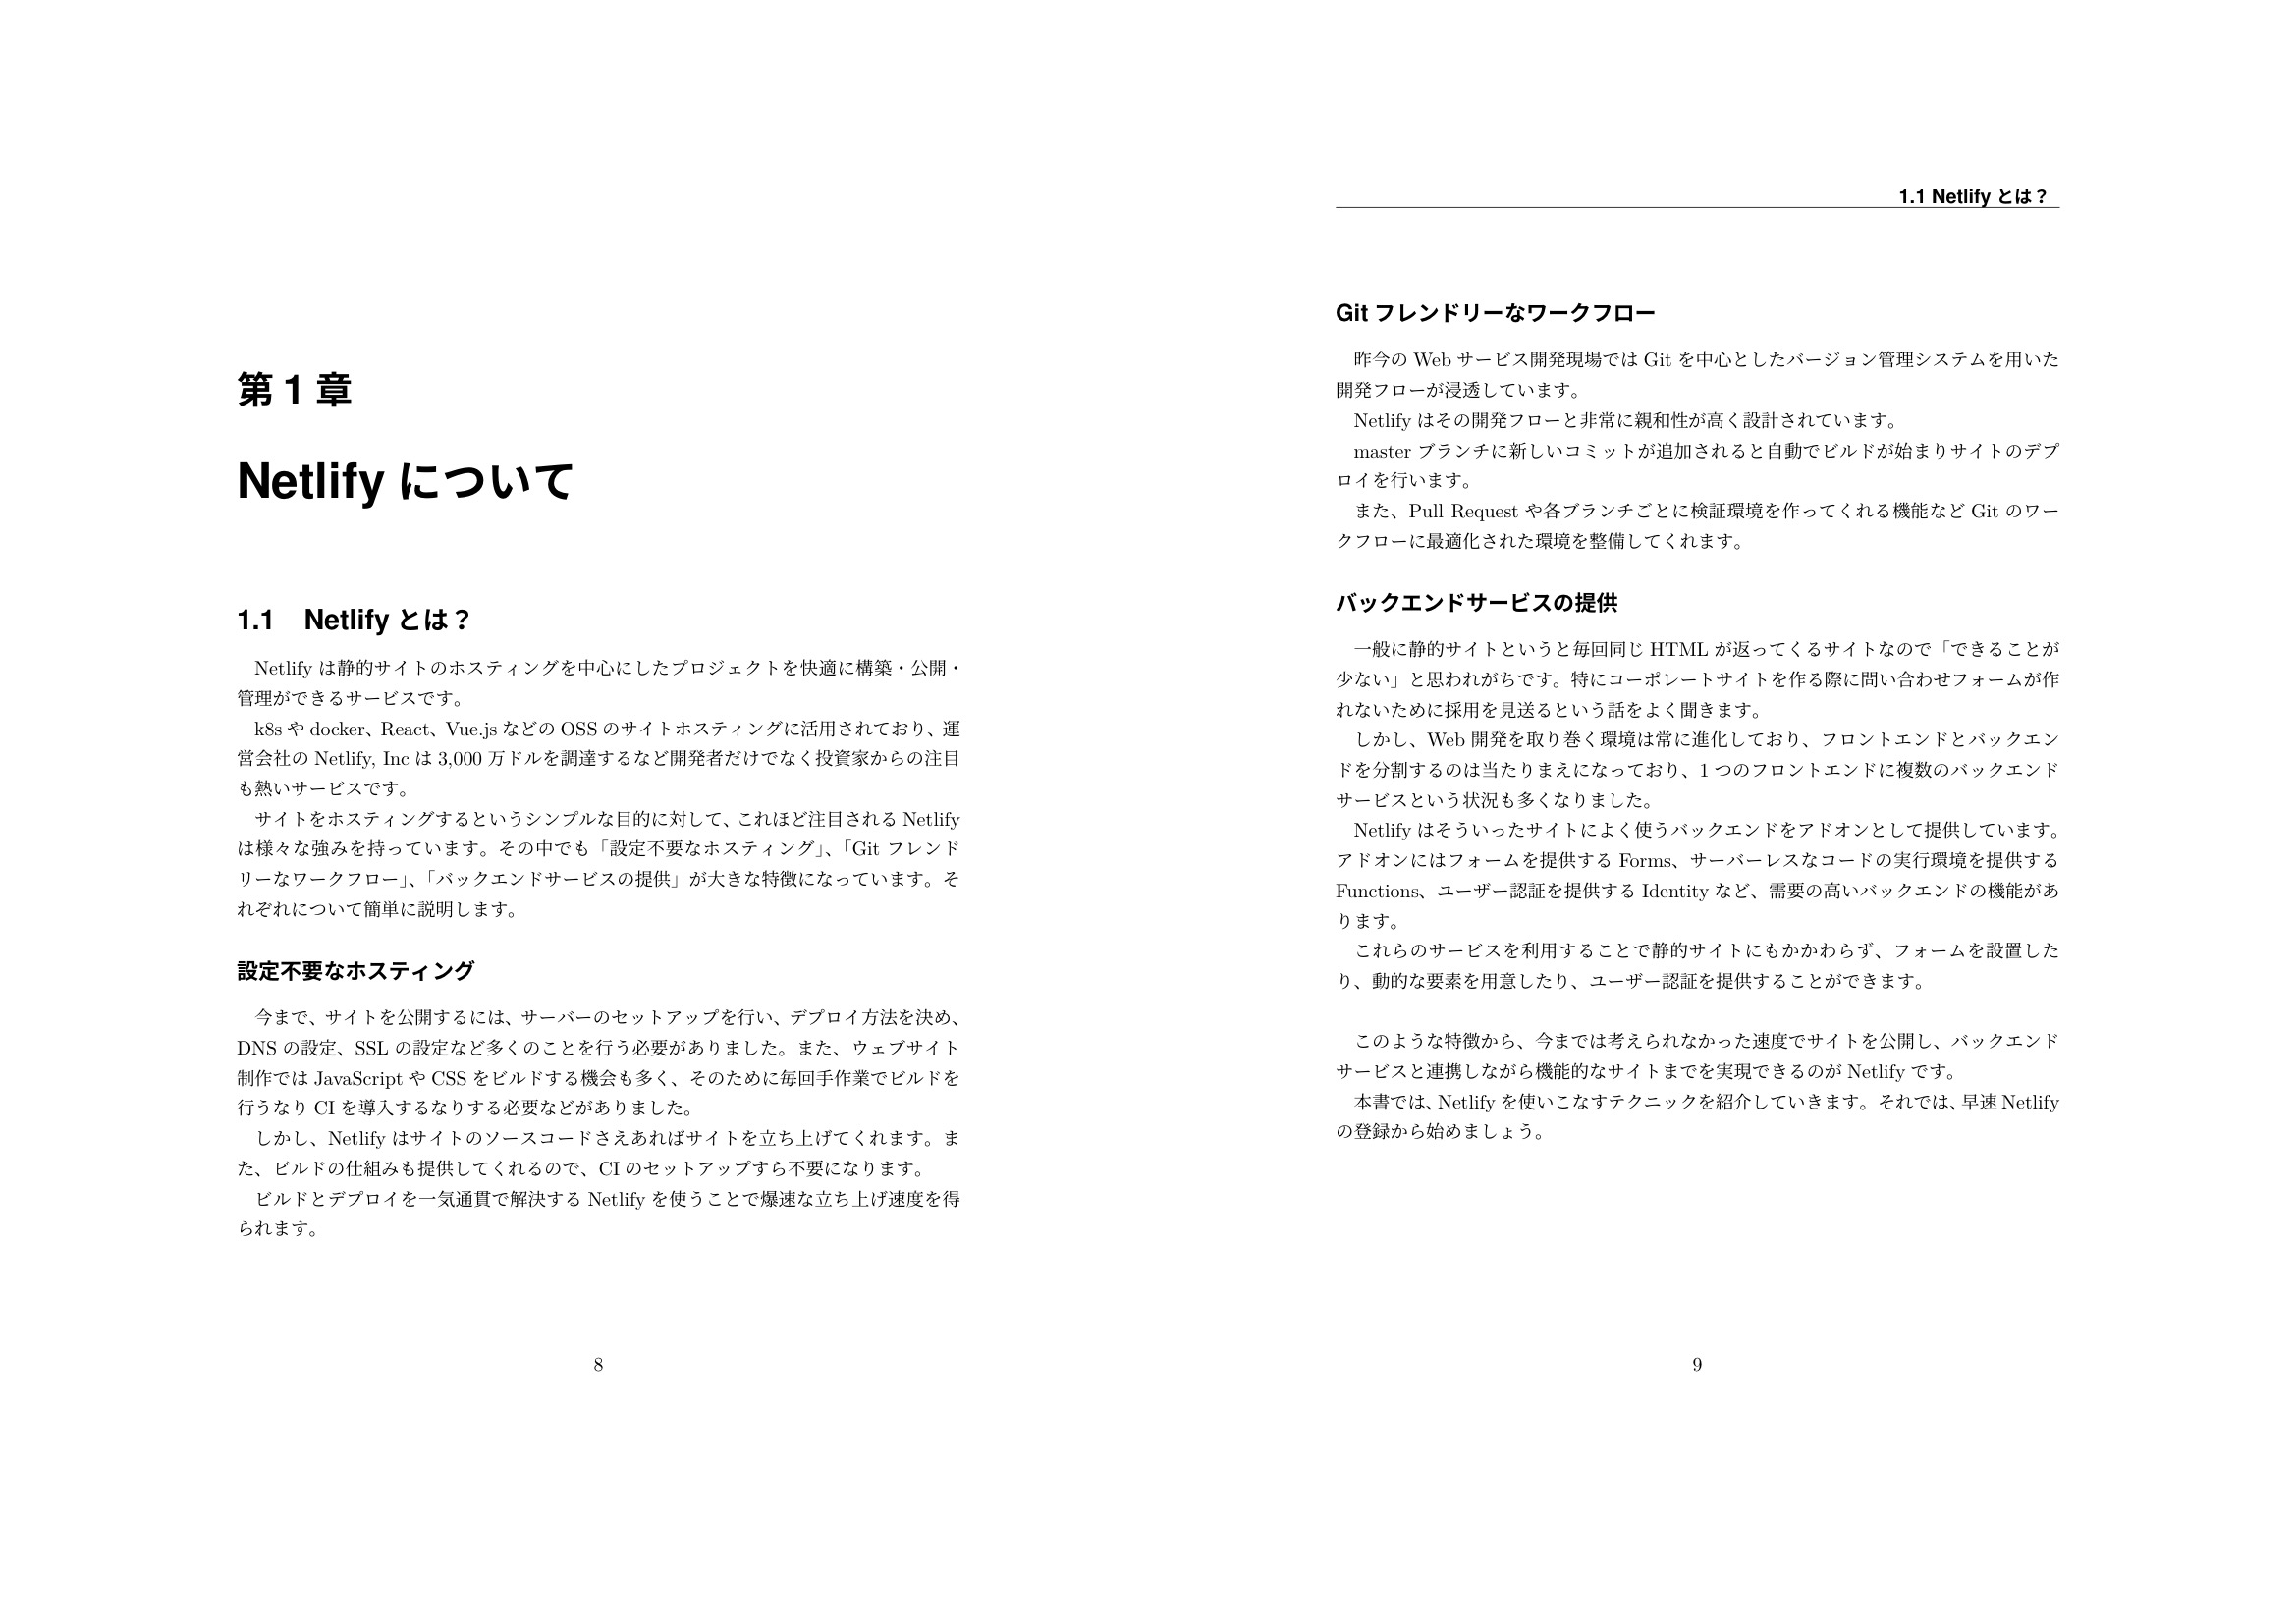 netlify-techbook-2 4.jpeg (408.6 kB)